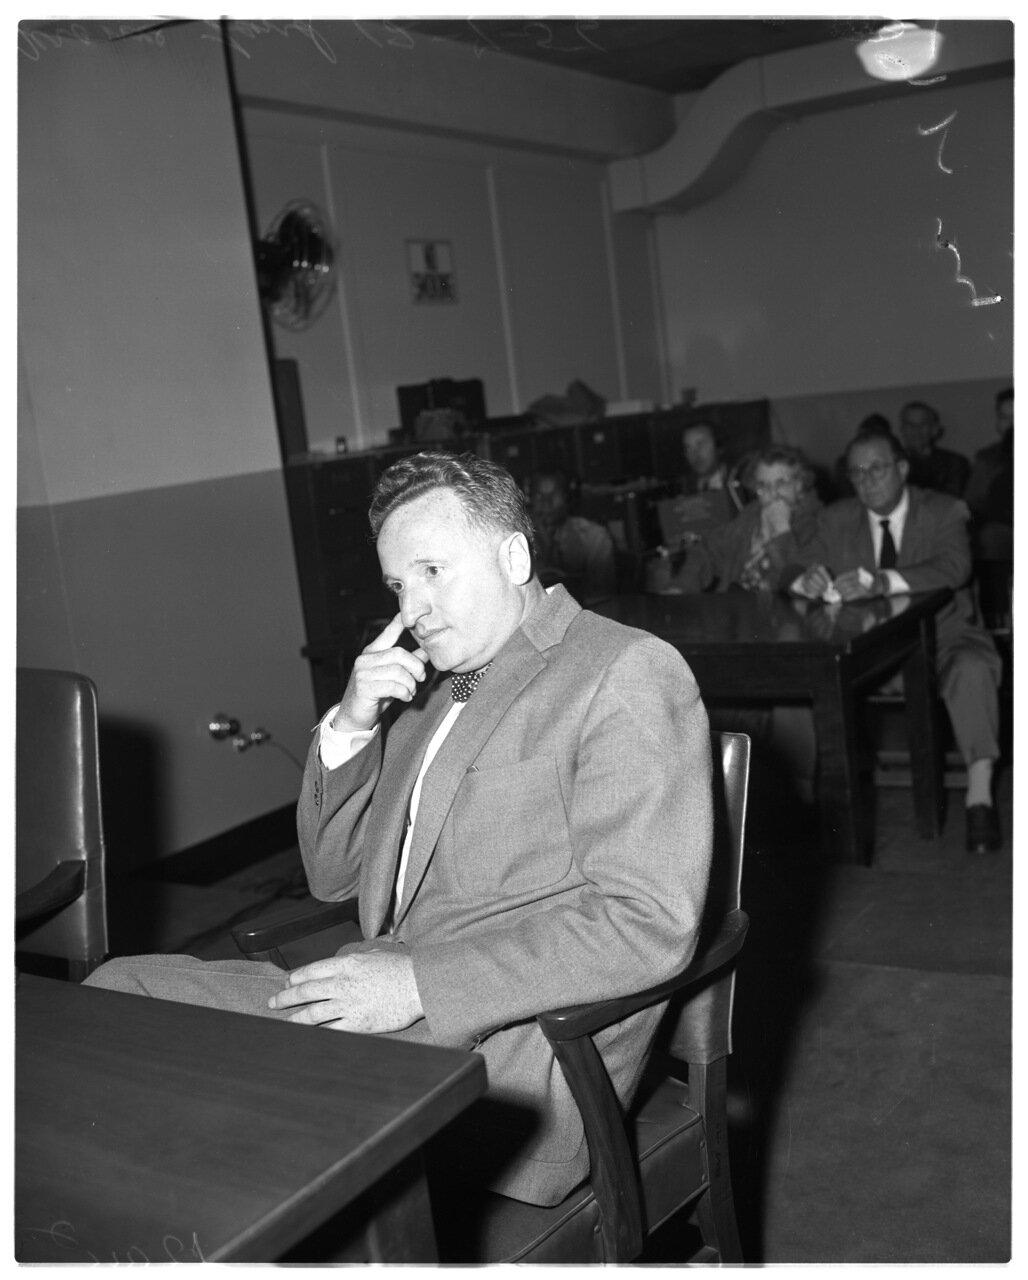 1956. 7 декабря. Комиссия по расследованию антиамериканской деятельности. Адвокат Джером Омерберг